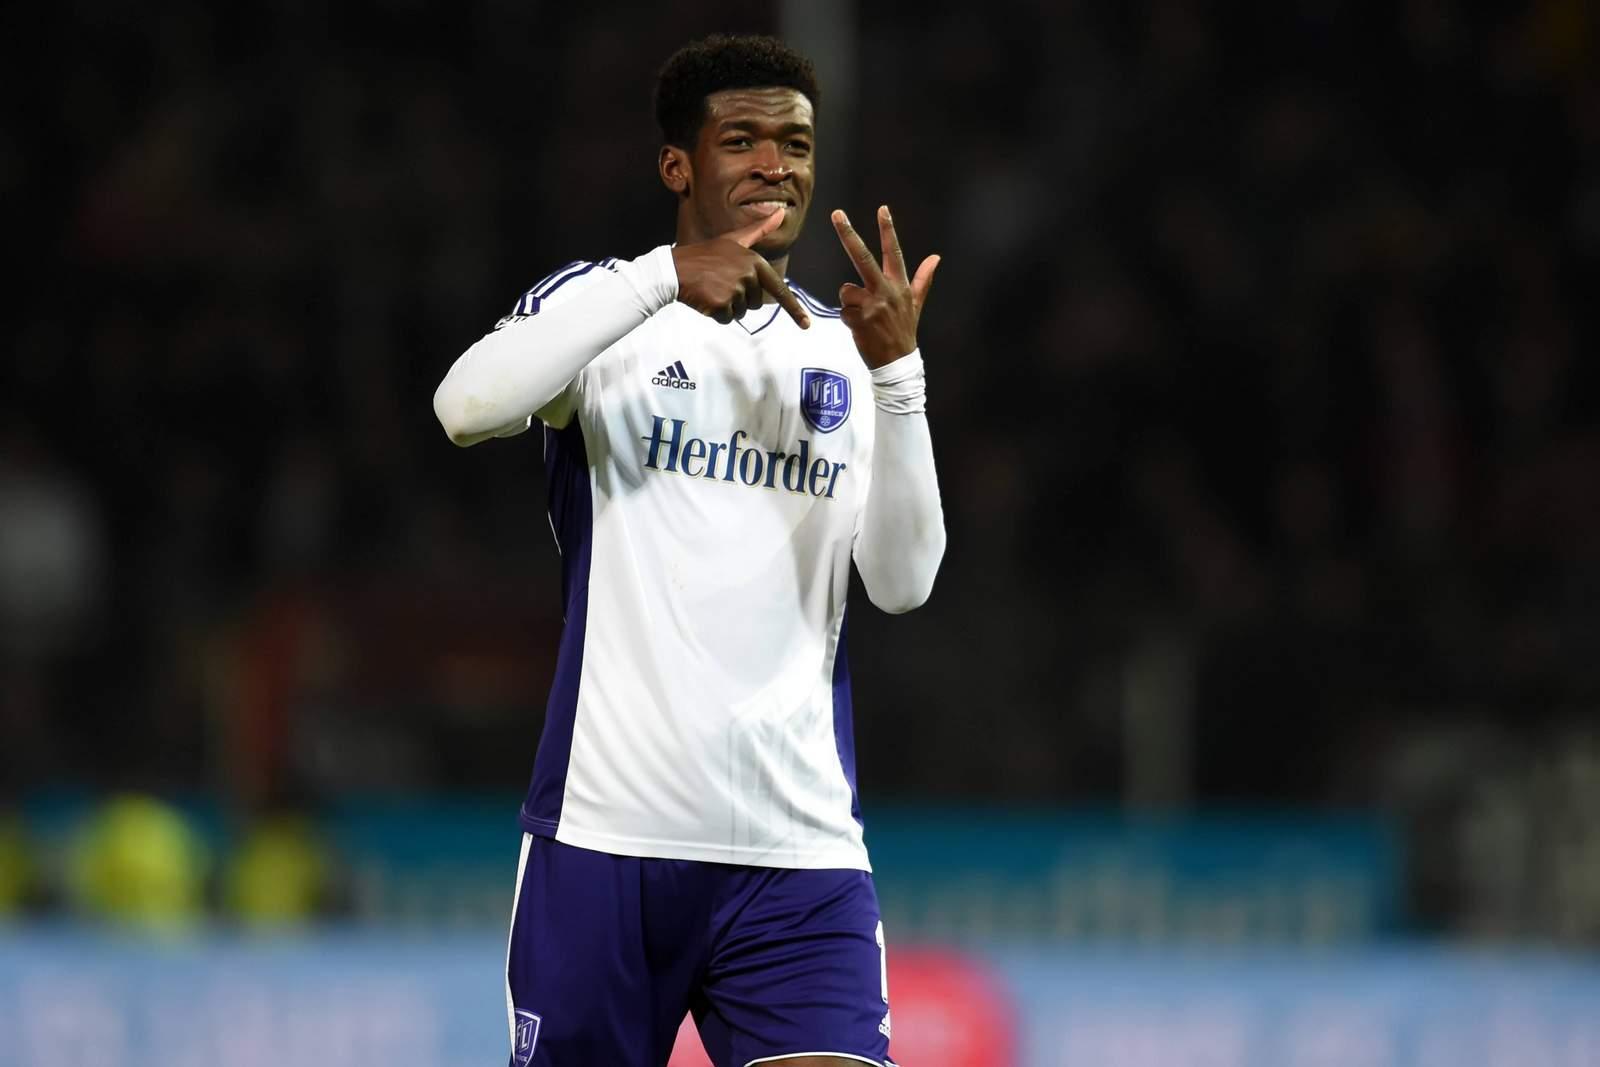 Kwasi Okyere Wriedt vom VfL Osnabrück wechselt zum FC Bayern